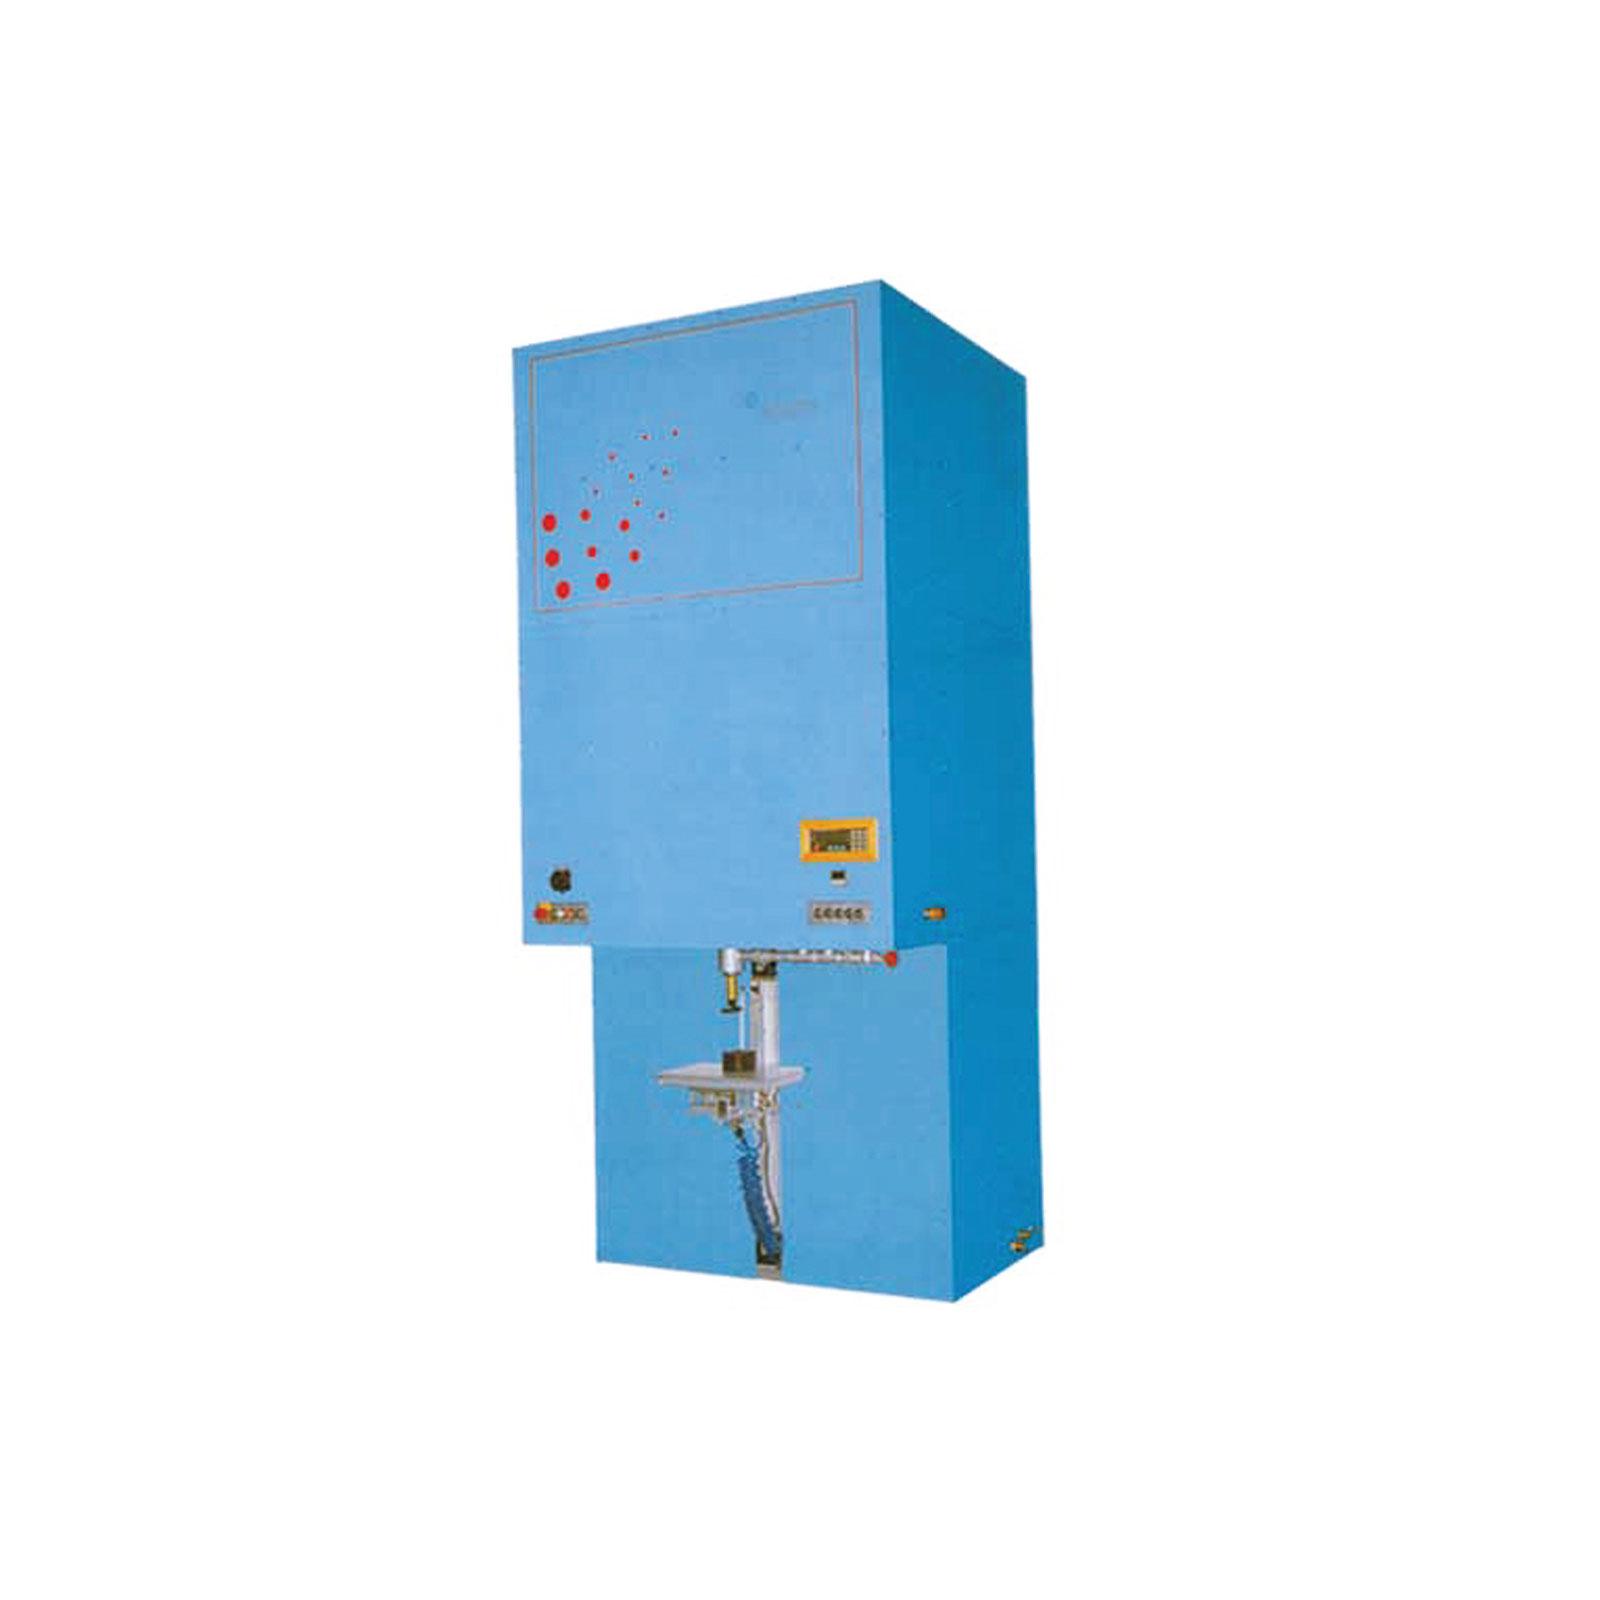 دستگاه شارژ کاملا اتوماتیک DSM (ثابت)